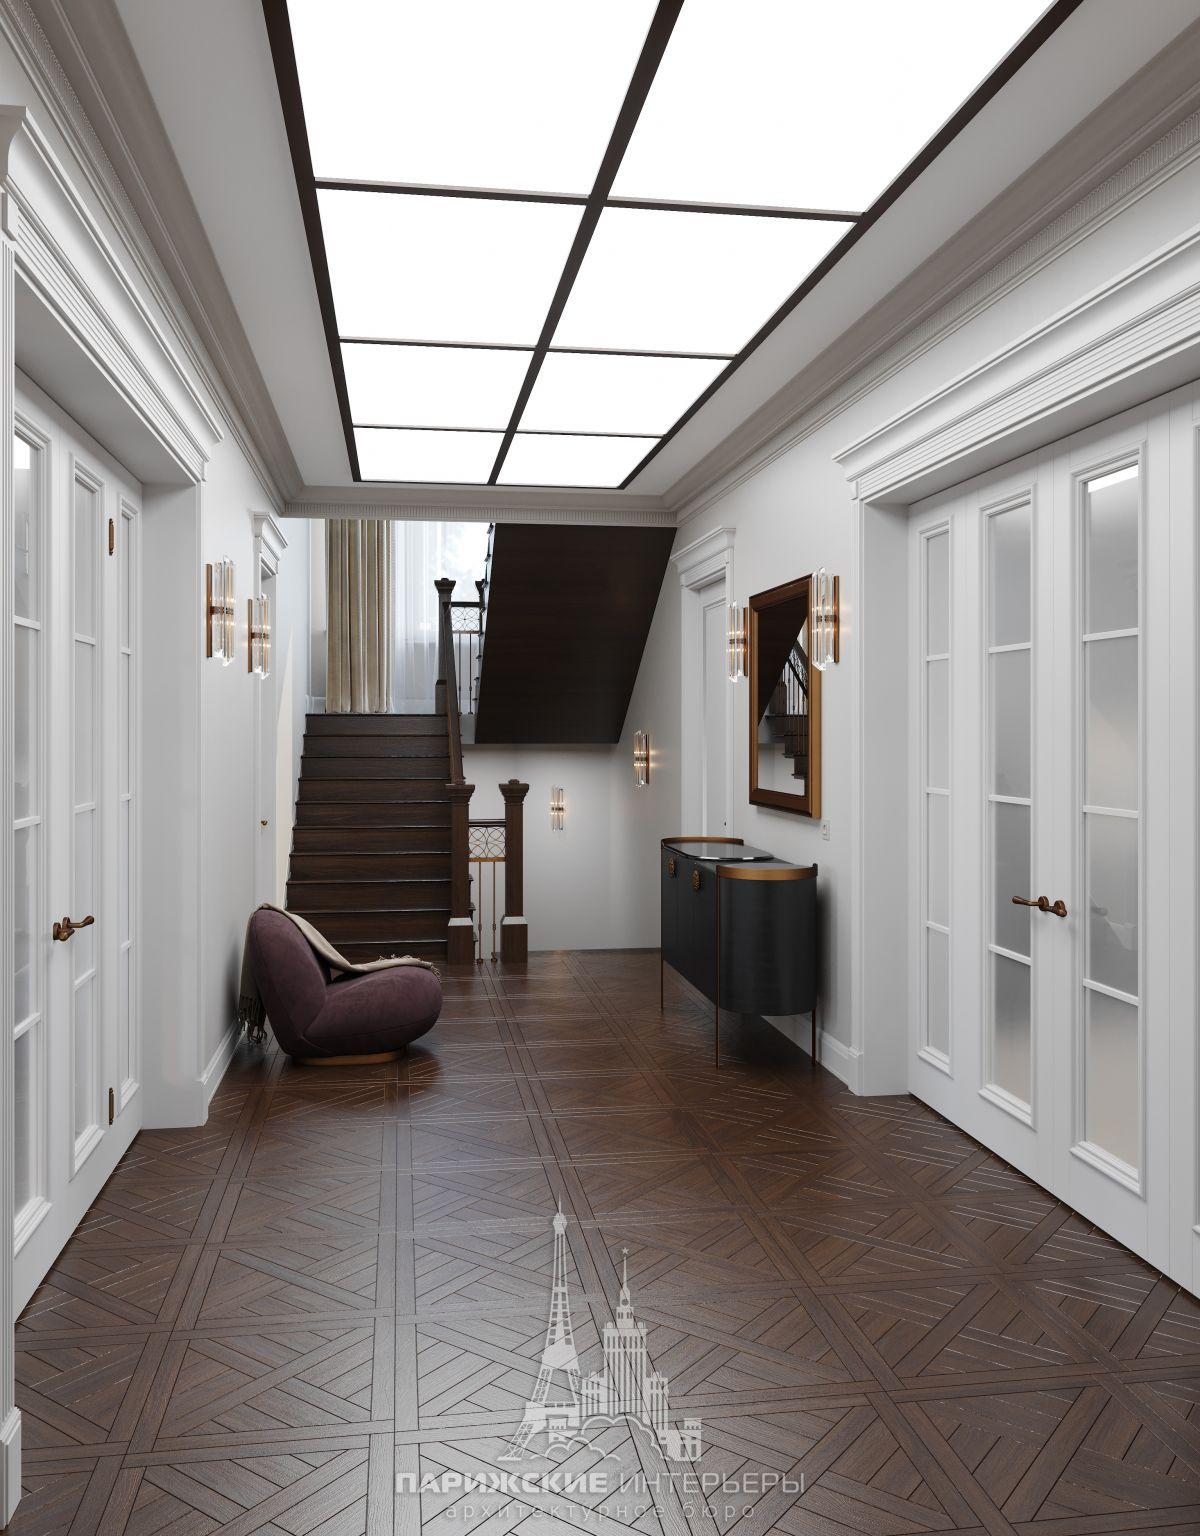 Дизайн загородного дома изнутри – входная зона в потолочным витражом